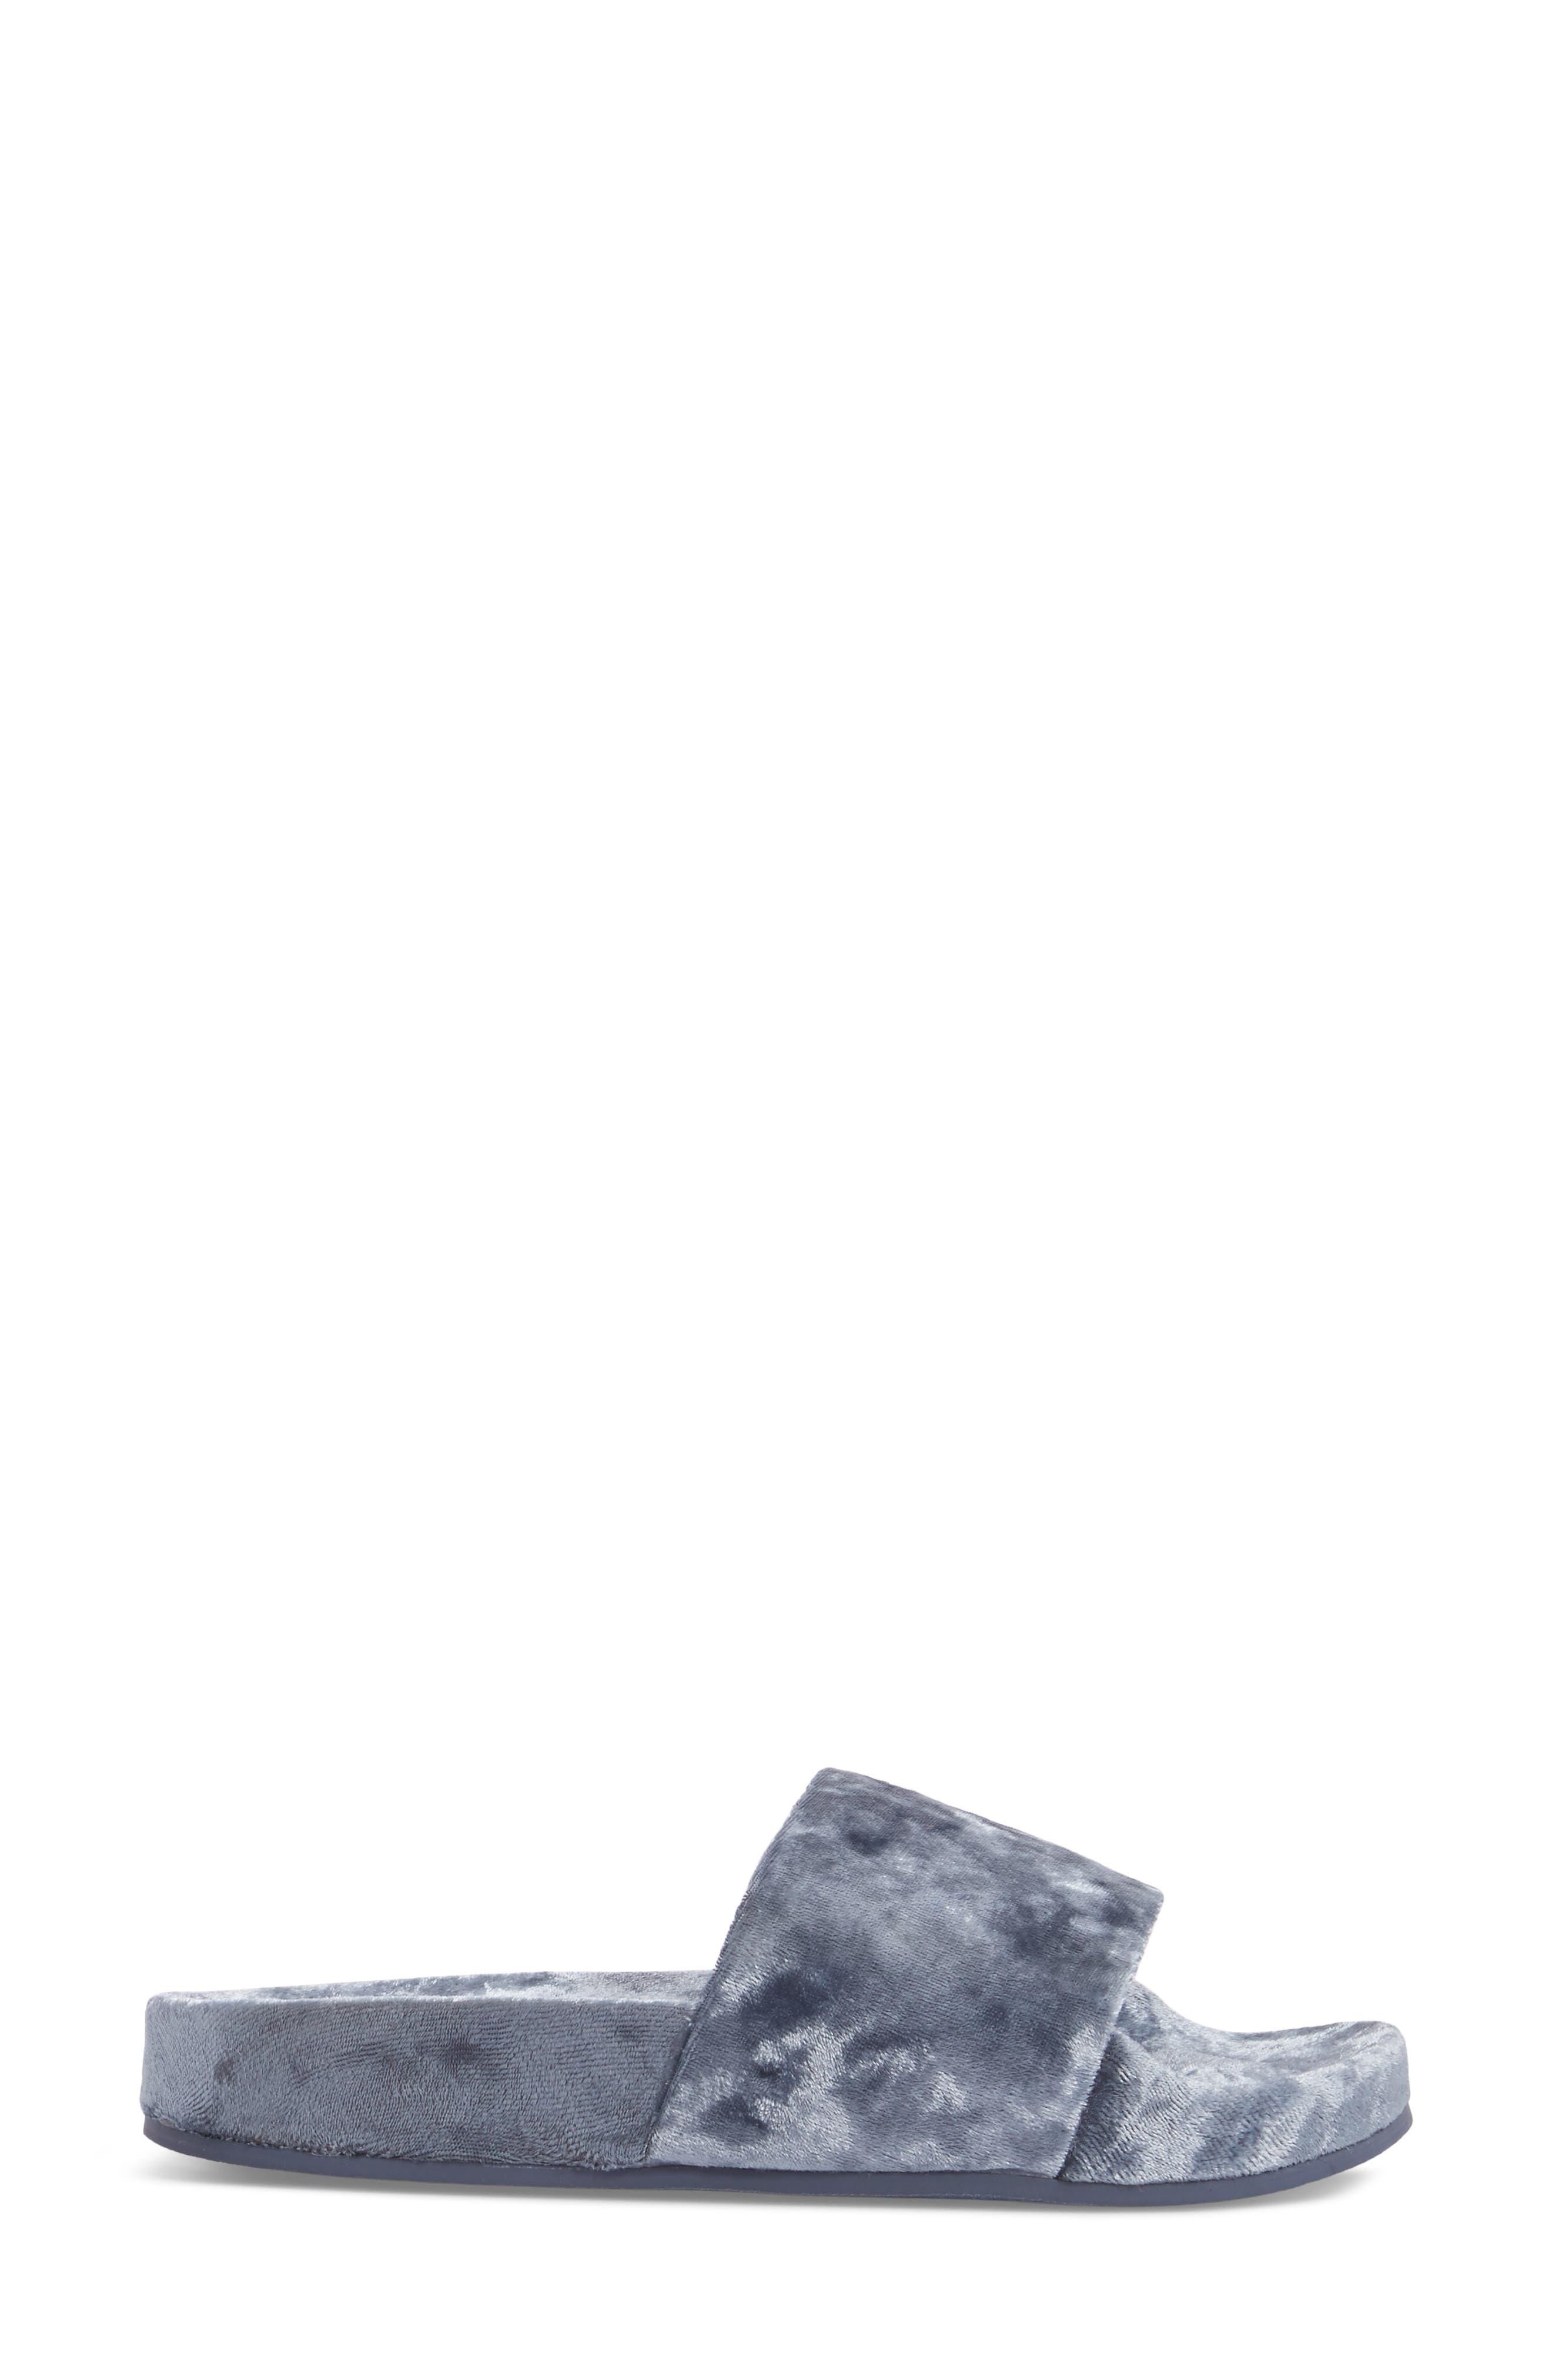 Alternate Image 3  - Steve Madden Slush Velvet Slide Sandal (Women)